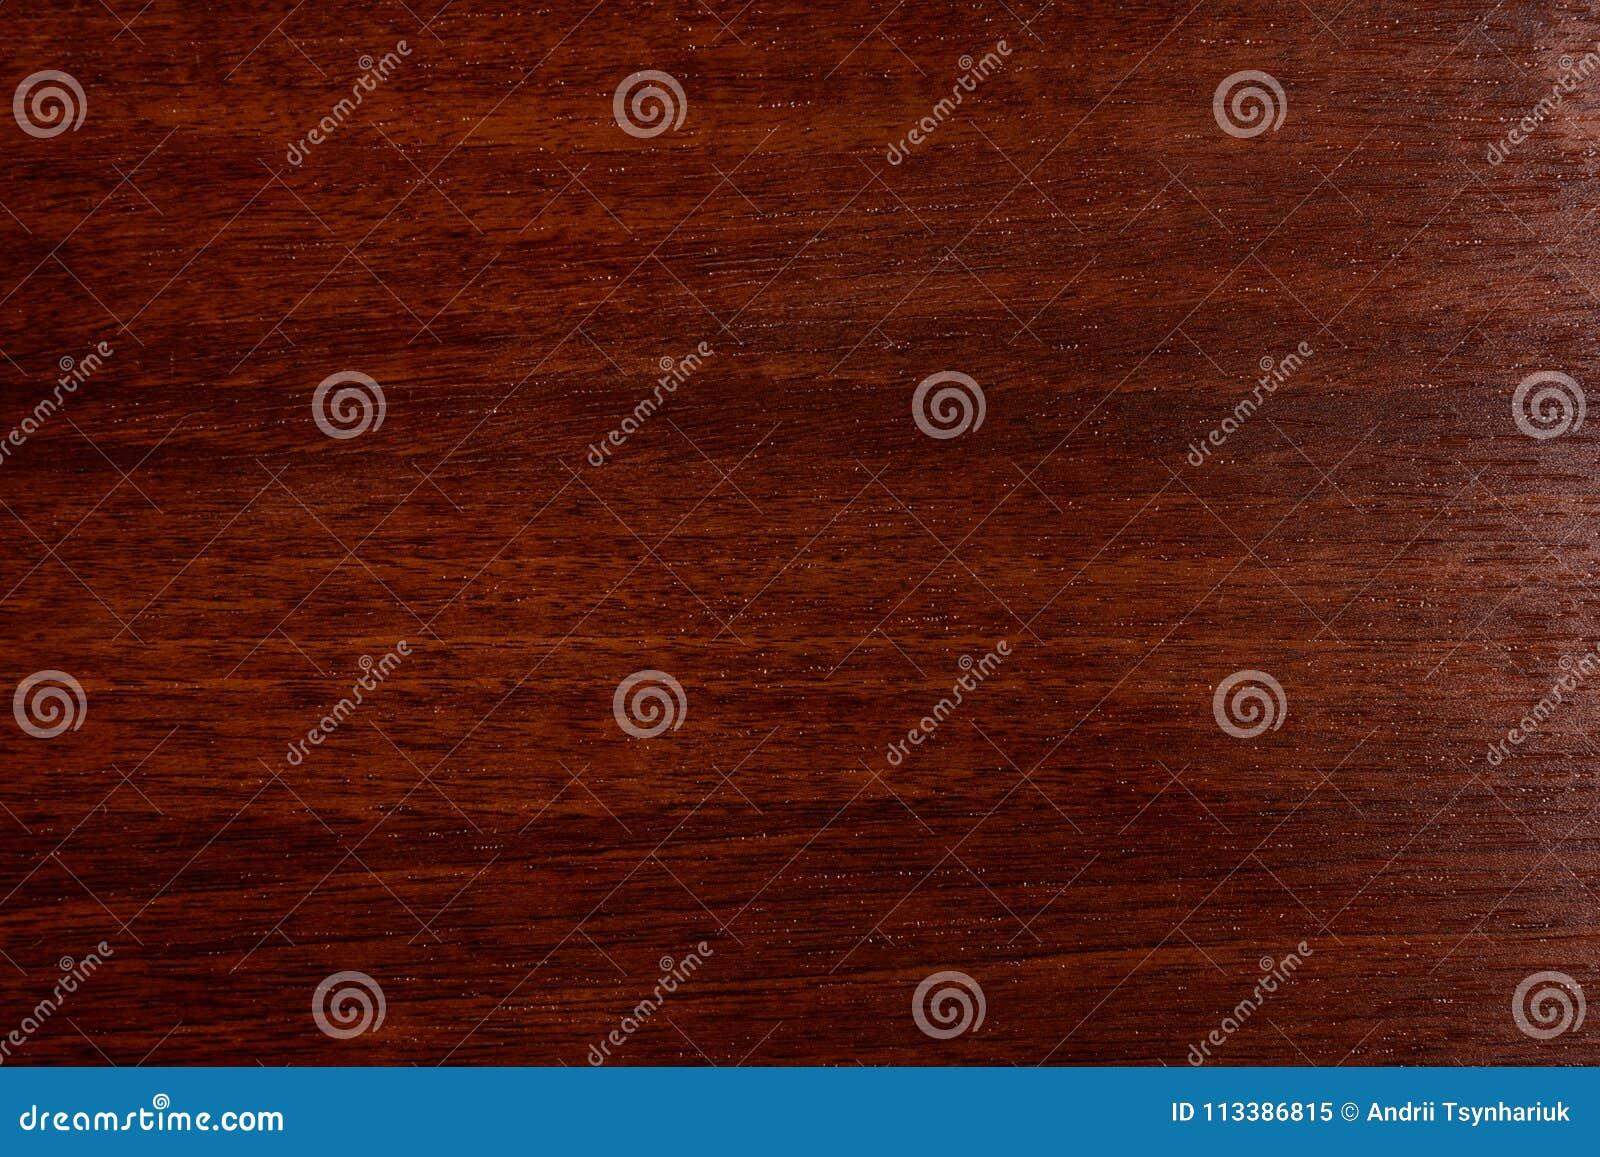 Красивая коричневая деревянная предпосылка на отлакированной текстурированной переклейке